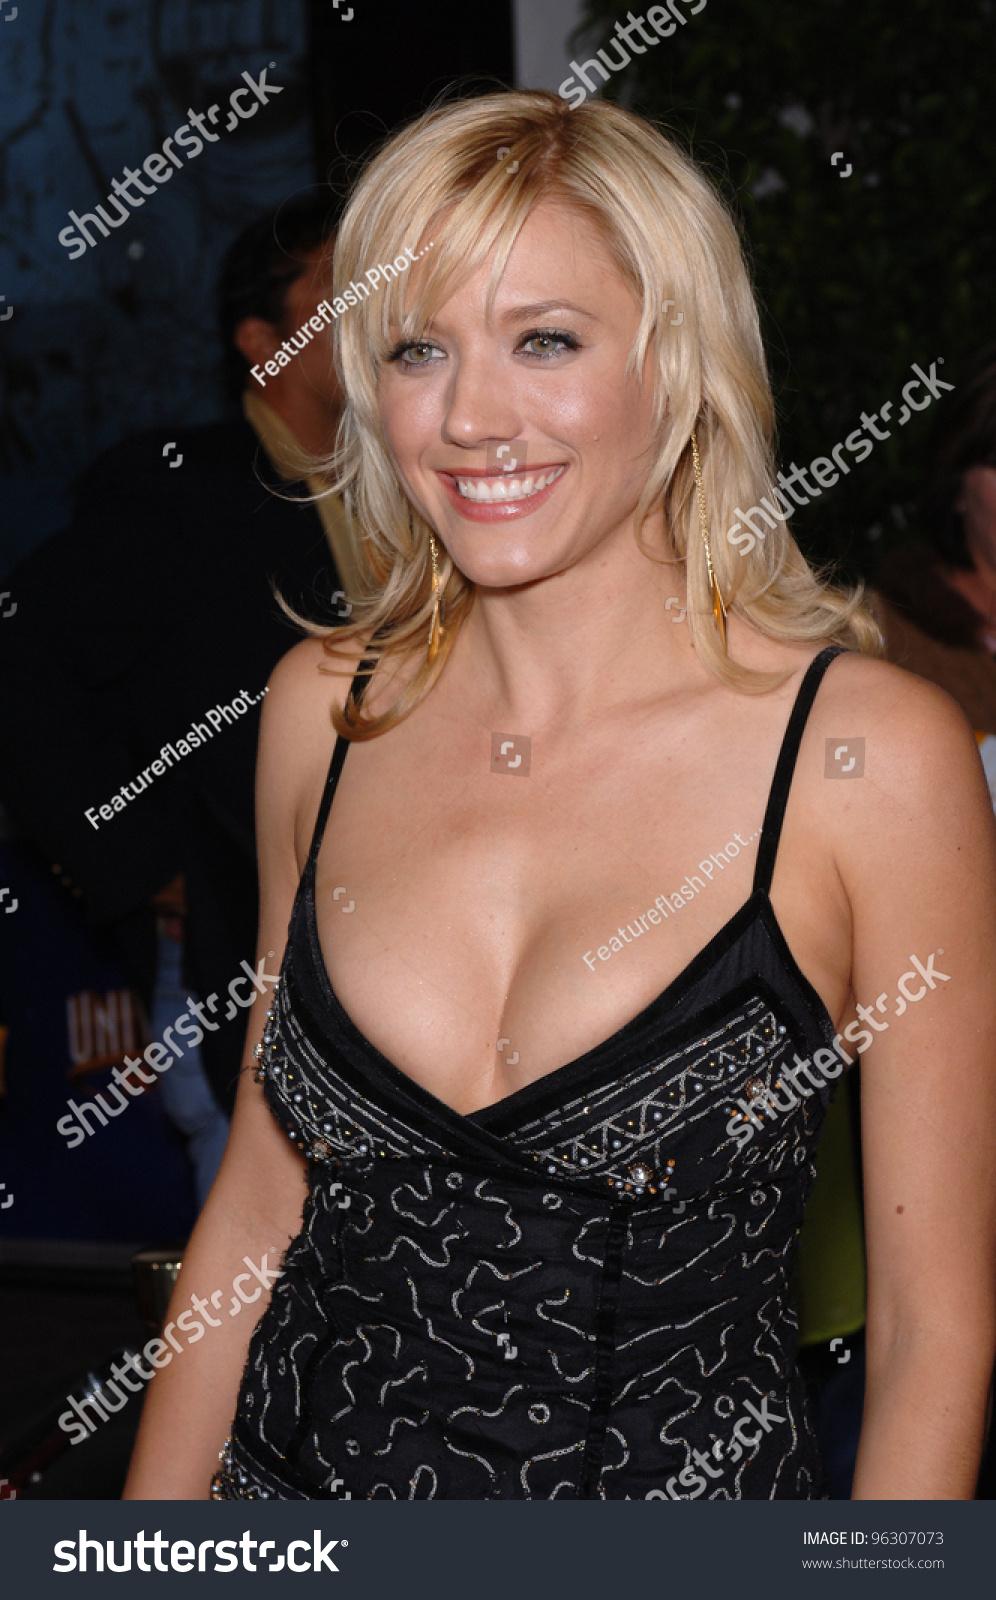 Kimberly Jaraj (born 1986) nude (33 pictures) Ass, iCloud, lingerie